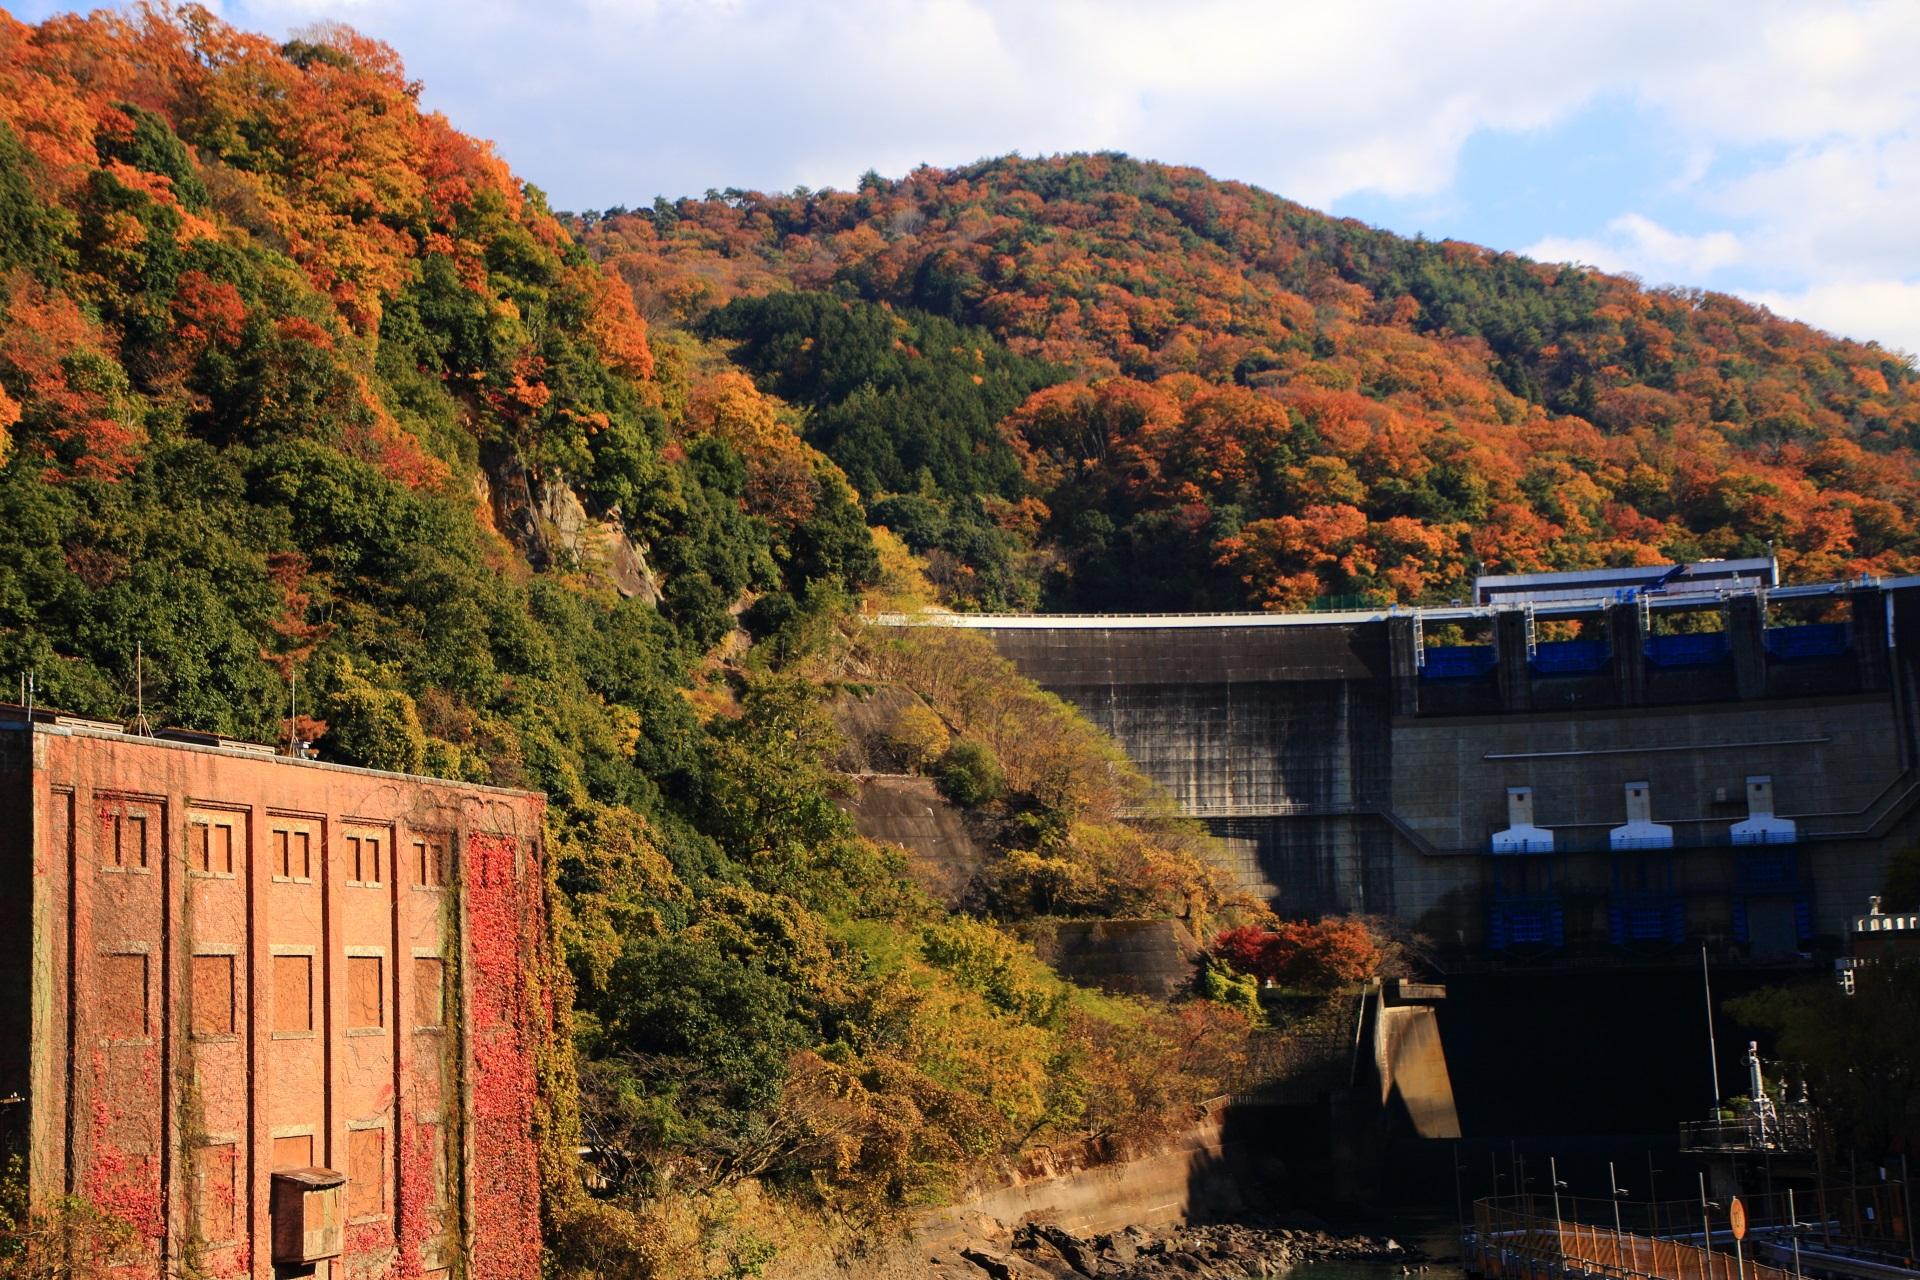 天ヶ瀬ダムや山々の素晴らしい紅葉や秋の情景